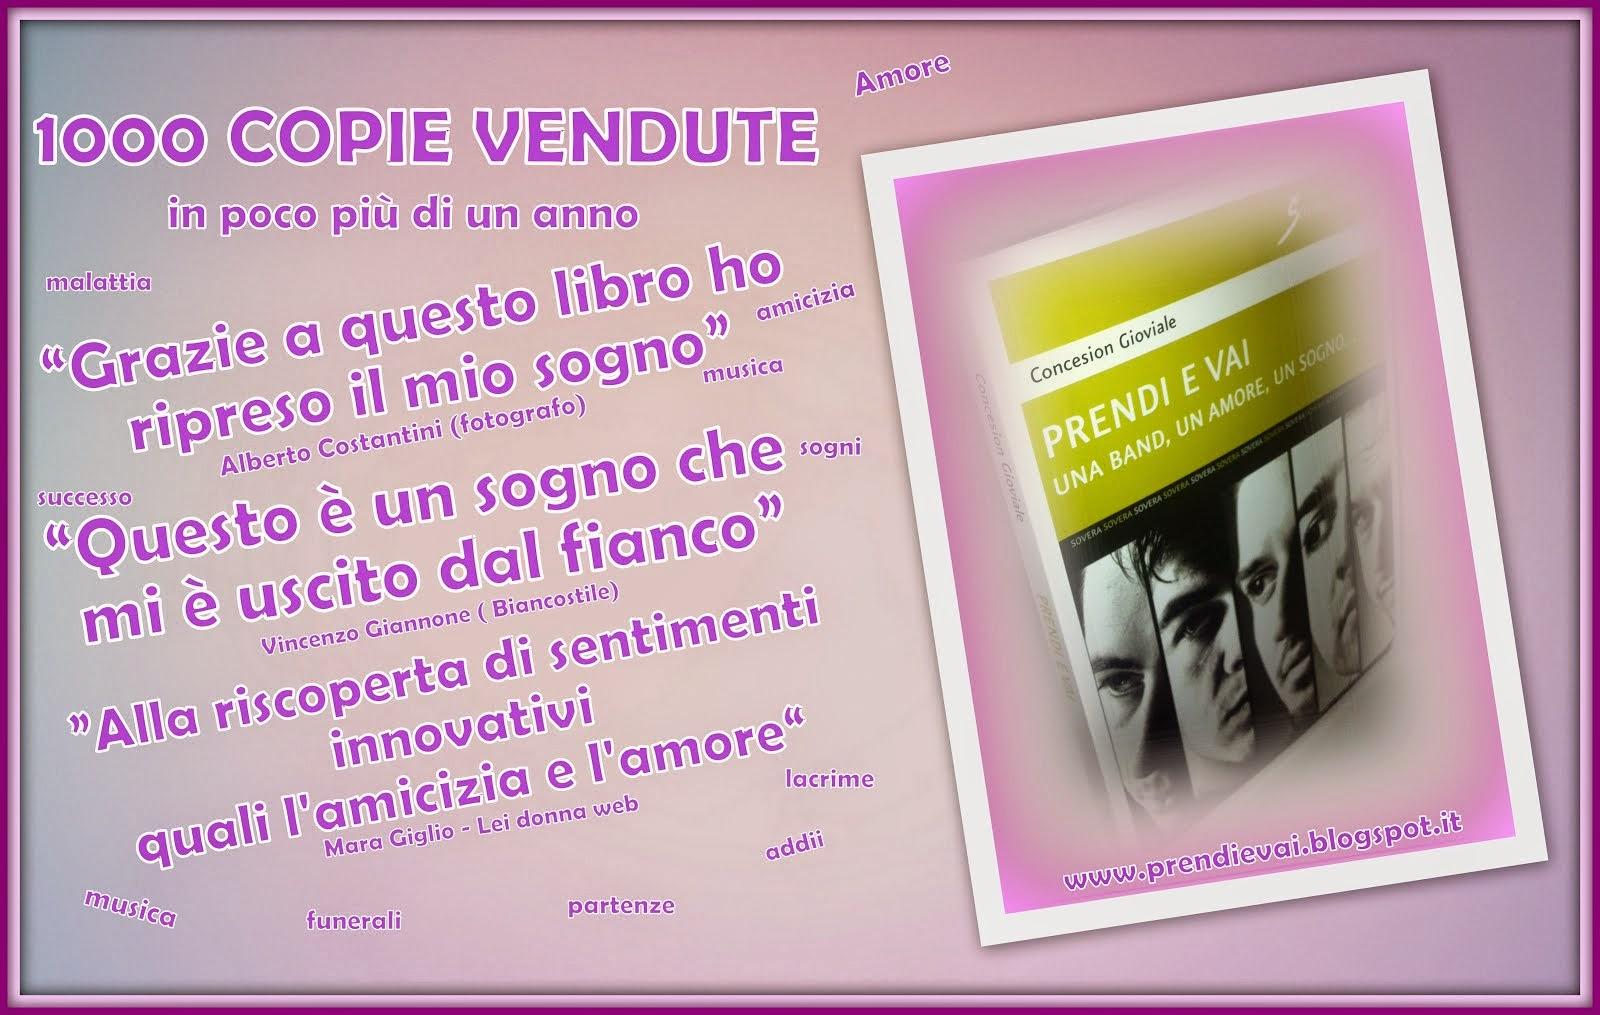 La Credenza Della Suocera Roma : Concesion gioviale scrittrice la credenza della suocera un